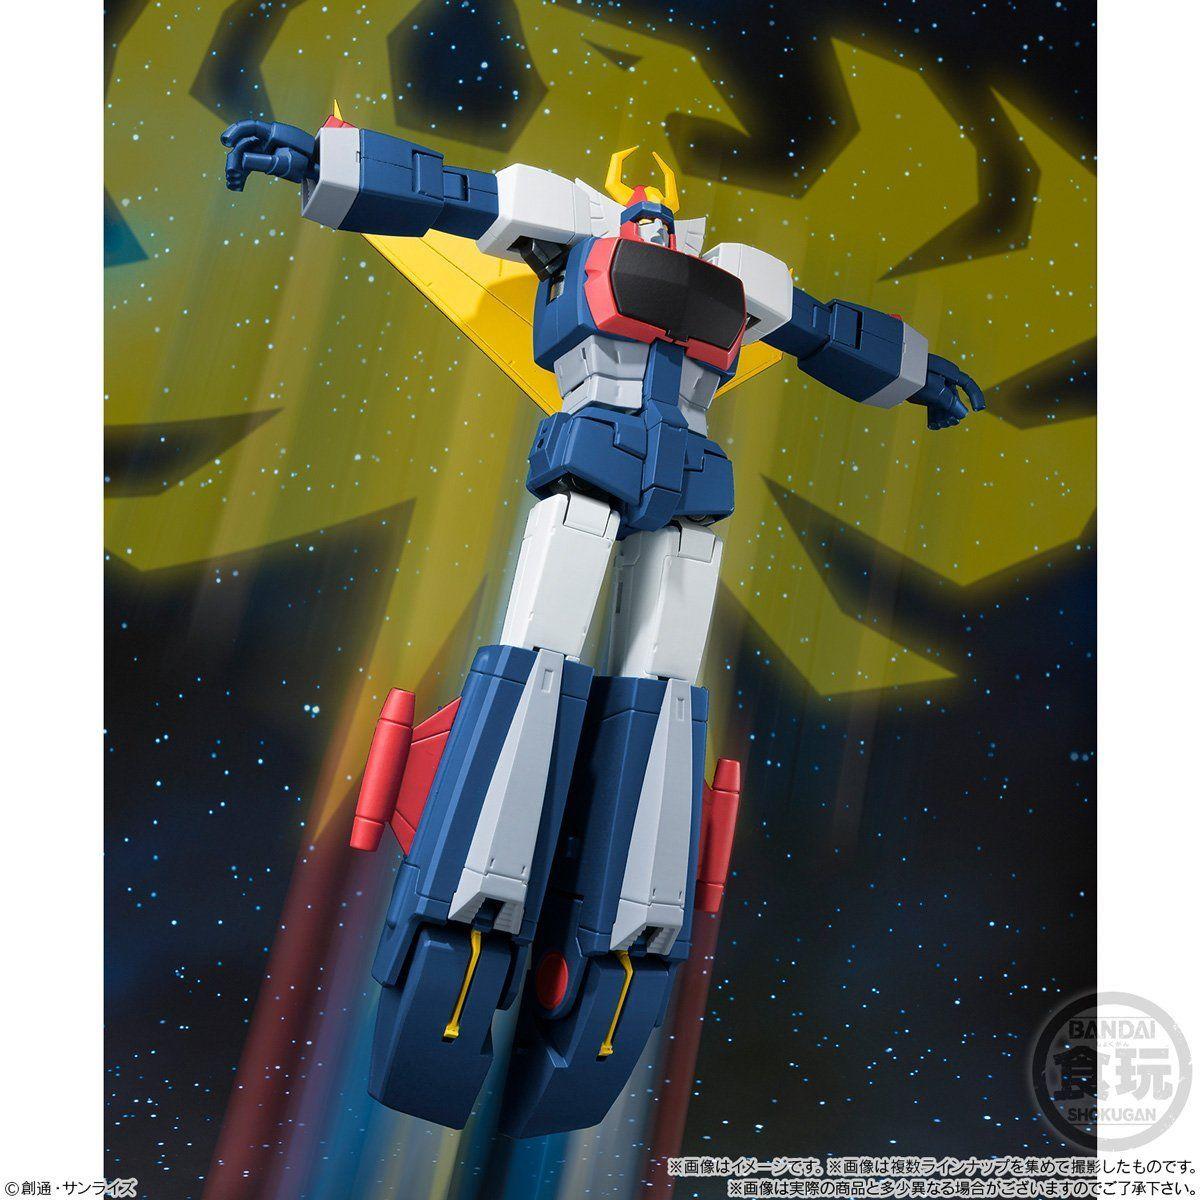 【食玩】スーパーミニプラ『無敵ロボ トライダーG7』3個入りBOX-003